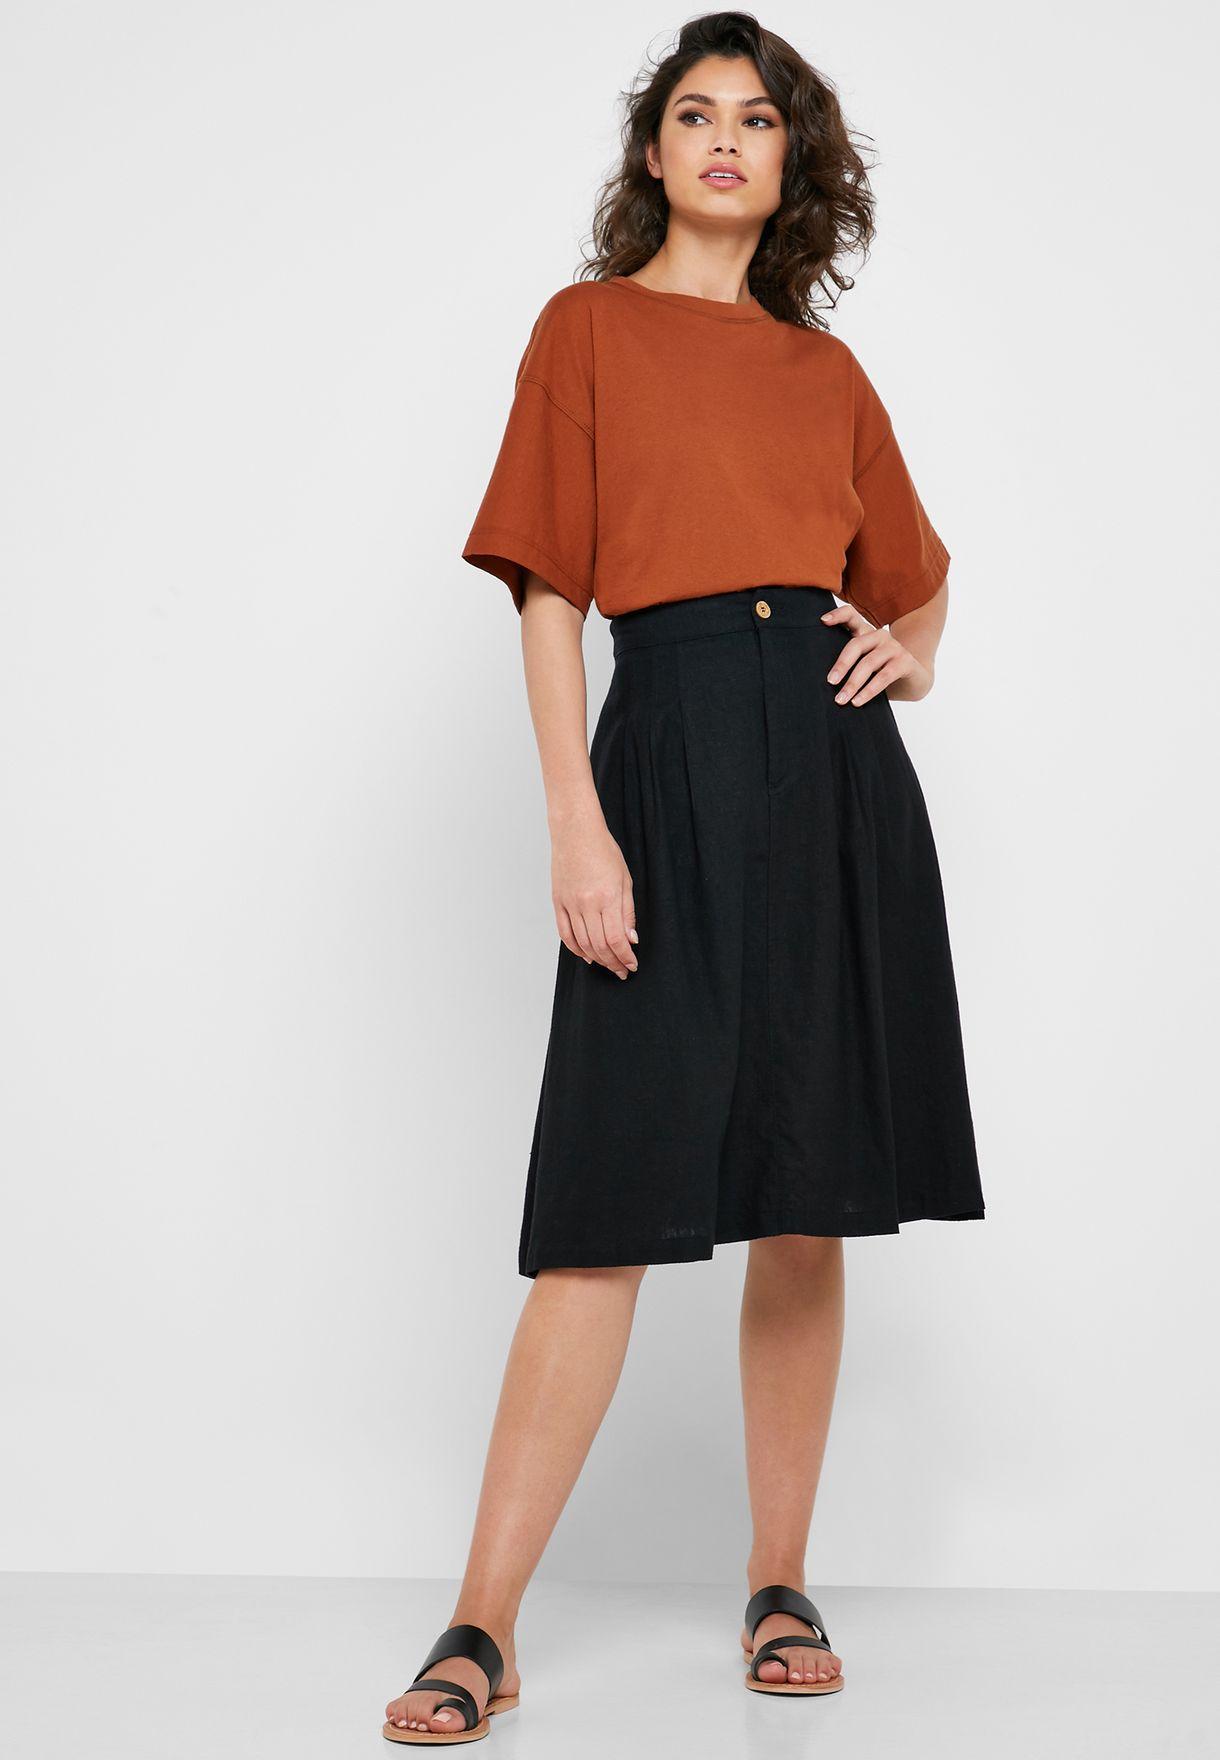 00d42c65d849 Shop Forever 21 black Button Detail Midi Skirt 315981 for Women in ...